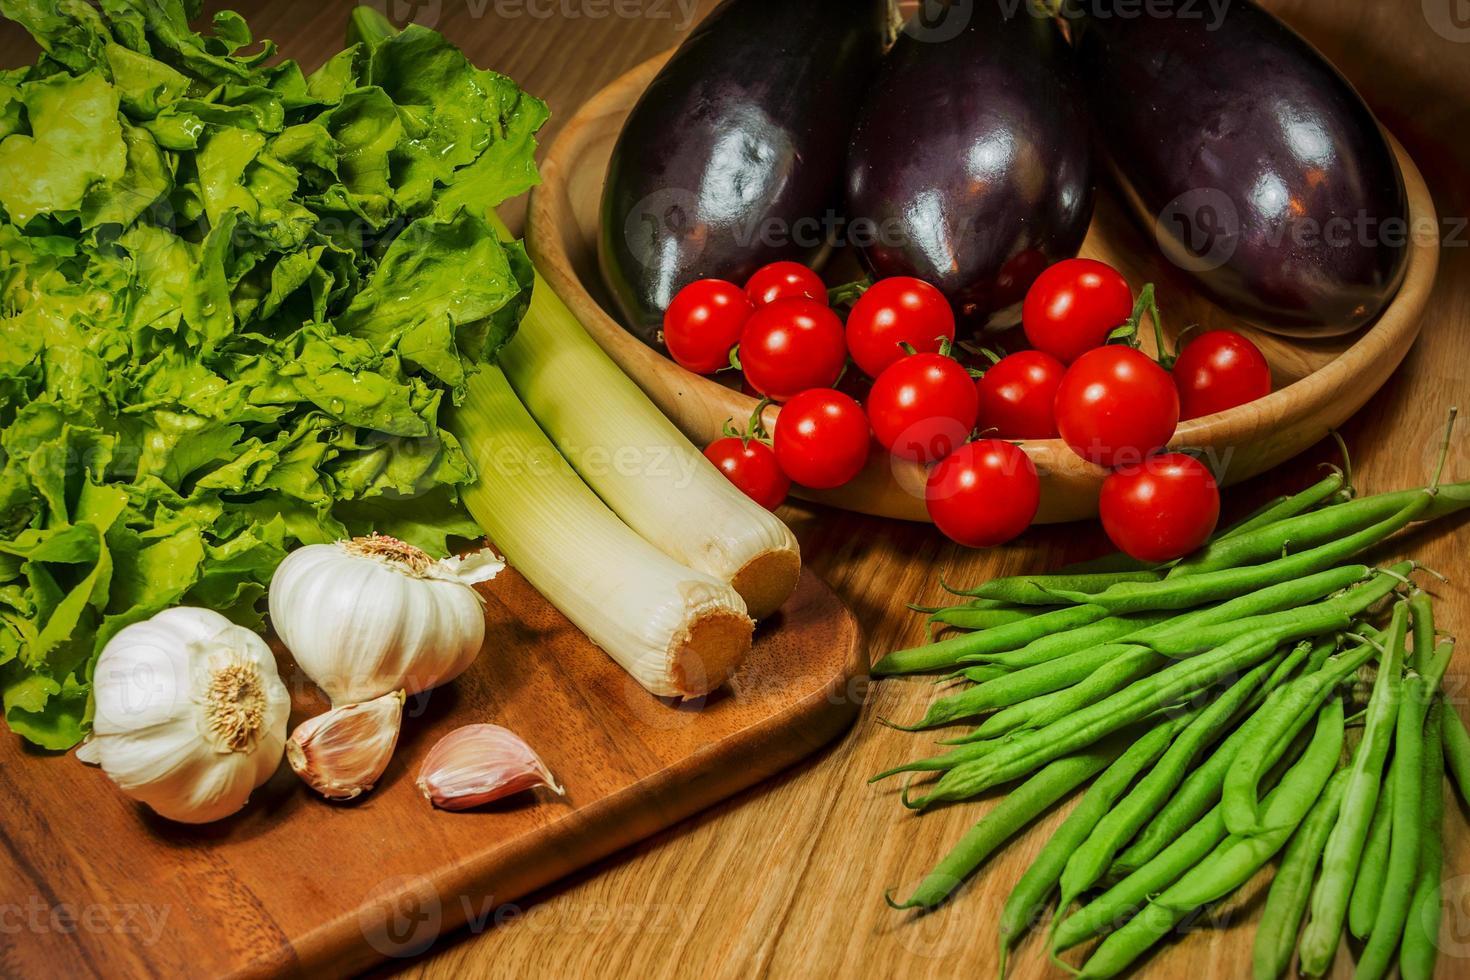 Gemüse auf einem Tisch präsentiert foto